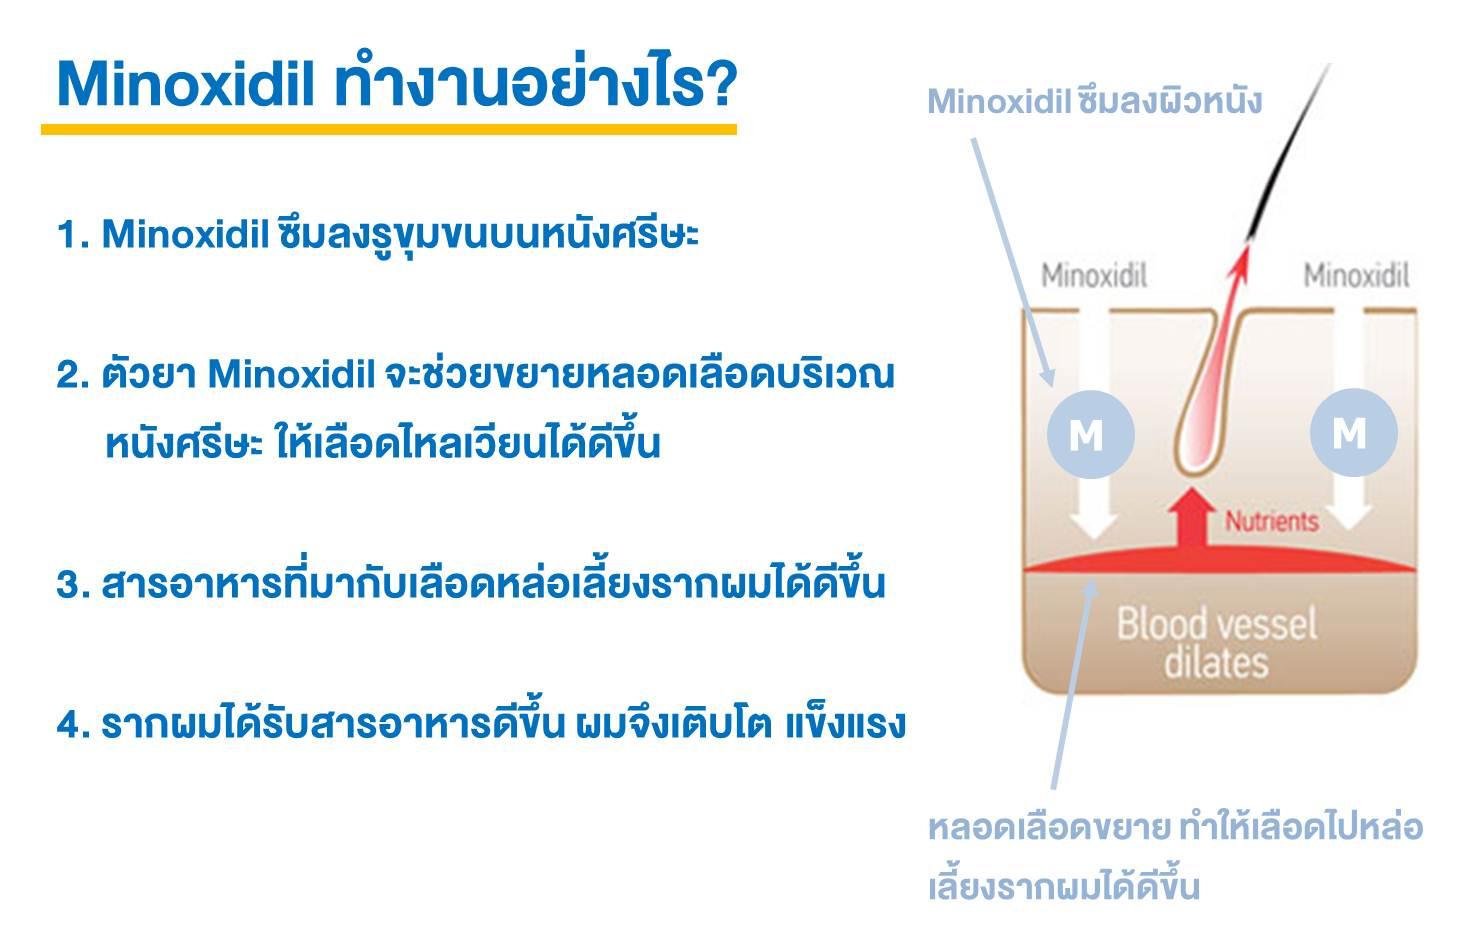 Minoxidil (ไมน๊อกซิดิล) ทำงานอย่างไร, ภาพขั้นตอนการทำงานของ Minoxidil (ไมน๊อกซิดิล), Minoxidil, ไมน๊อกซิดิล, ยาปลูกผม